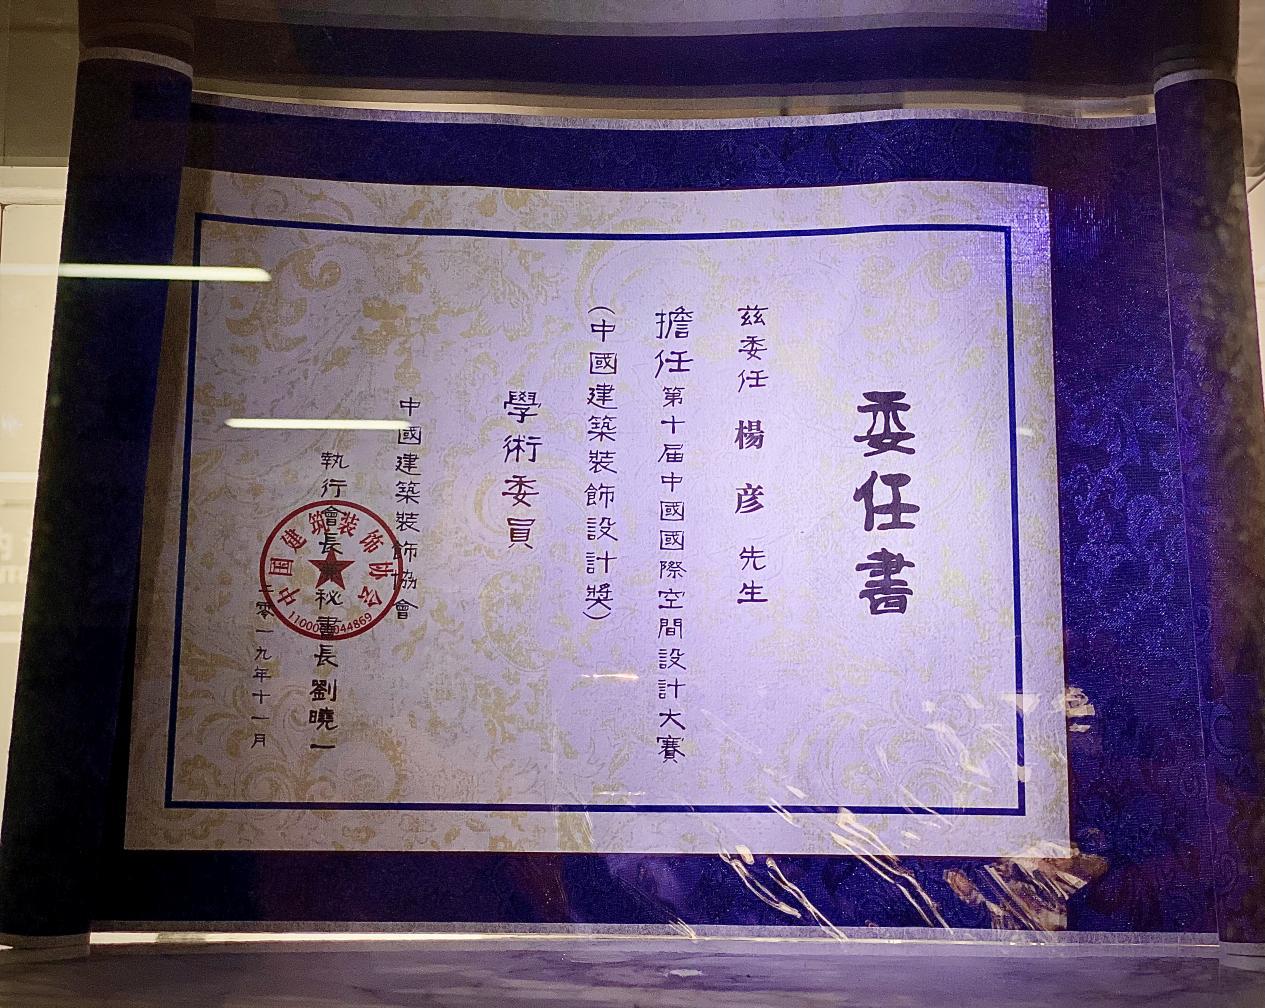 888贵宾会手机版创始人杨彦先生荣任第十届国际空间设计大赛学术委员